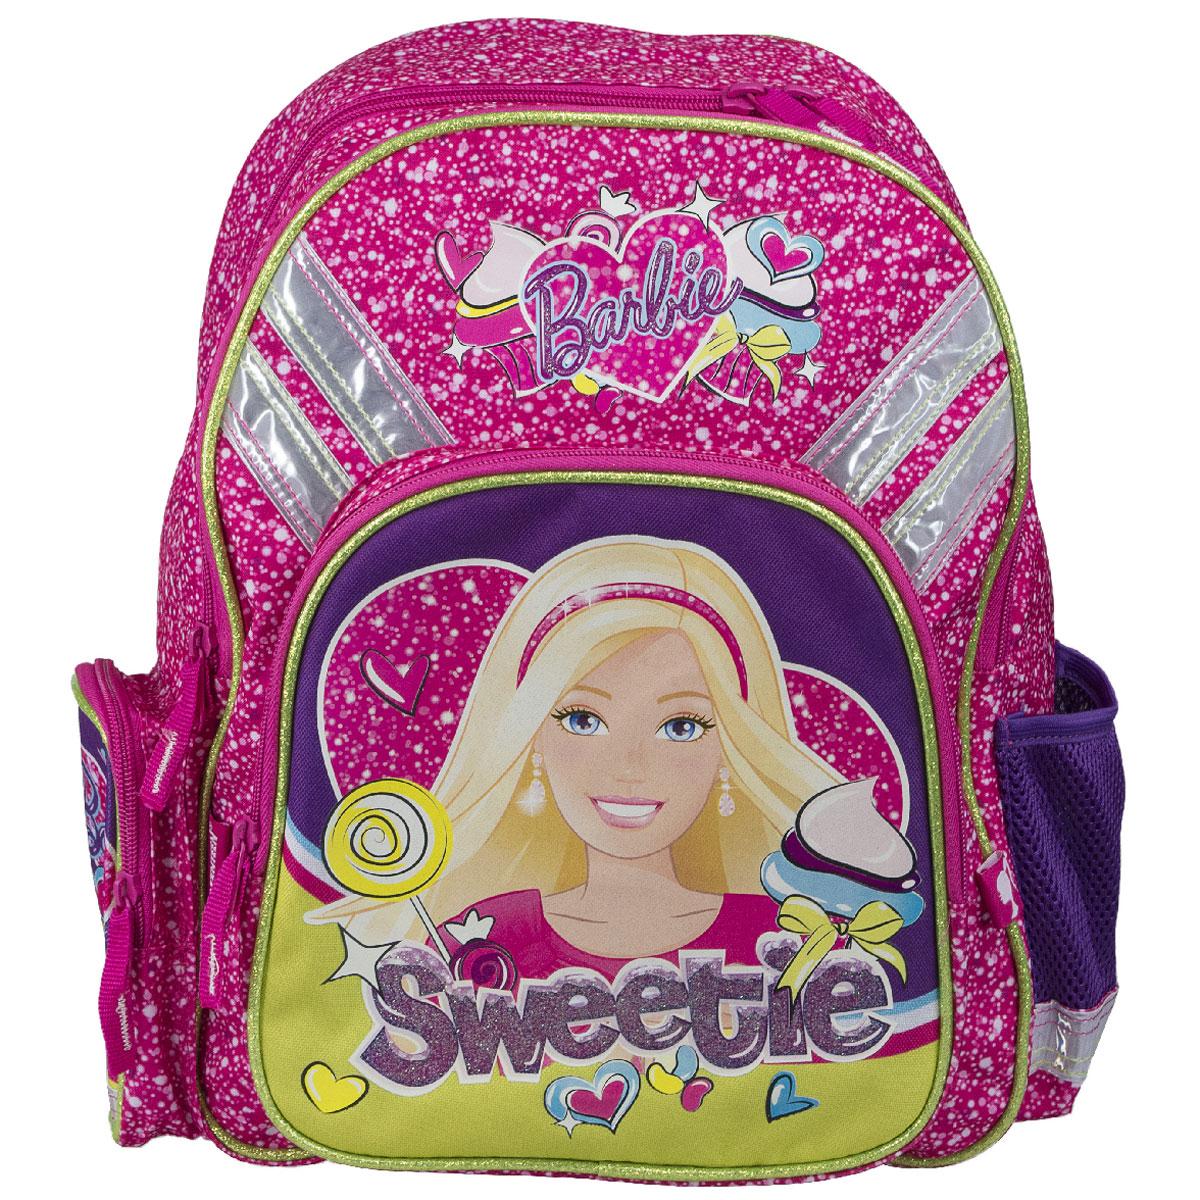 Рюкзак школьный Barbie Sweetie, цвет: розовый, фиолетовыйMCCB-UT1-4013Рюкзак школьный Barbie Sweetie обязательно понравится вашей школьнице. Выполнен из прочных и высококачественных материалов, дополнен изображением милой Барби.Содержит два вместительных отделения, закрывающиеся на застежки-молнии. В большом отделении находятся две перегородки для тетрадей или учебников. Дно рюкзака можно сделать жестким, разложив специальную панель с пластиковой вставкой, что повышает сохранность содержимого рюкзака и способствует правильному распределению нагрузки. Лицевая сторона оснащена накладным карманом на молнии. По бокам расположены два накладных кармана: на застежке-молнии и открытый, стянутый сверху резинкой. Специально разработанная архитектура спинки со стабилизирующими набивными элементами повторяет естественный изгиб позвоночника. Набивные элементы обеспечивают вентиляцию спины ребенка. Плечевые лямки анатомической формы равномерно распределяют нагрузку на плечевую и воротниковую зоны. Конструкция пряжки лямок позволяет отрегулировать рюкзак по фигуре. Рюкзак оснащен эргономичной ручкой для удобной переноски в руке. Светоотражающие элементы обеспечивают безопасность в темное время суток.Многофункциональный школьный рюкзак станет незаменимым спутником вашего ребенка в походах за знаниями.Вес рюкзака без наполнения: 600 г.Рекомендуемый возраст: от 12 лет.